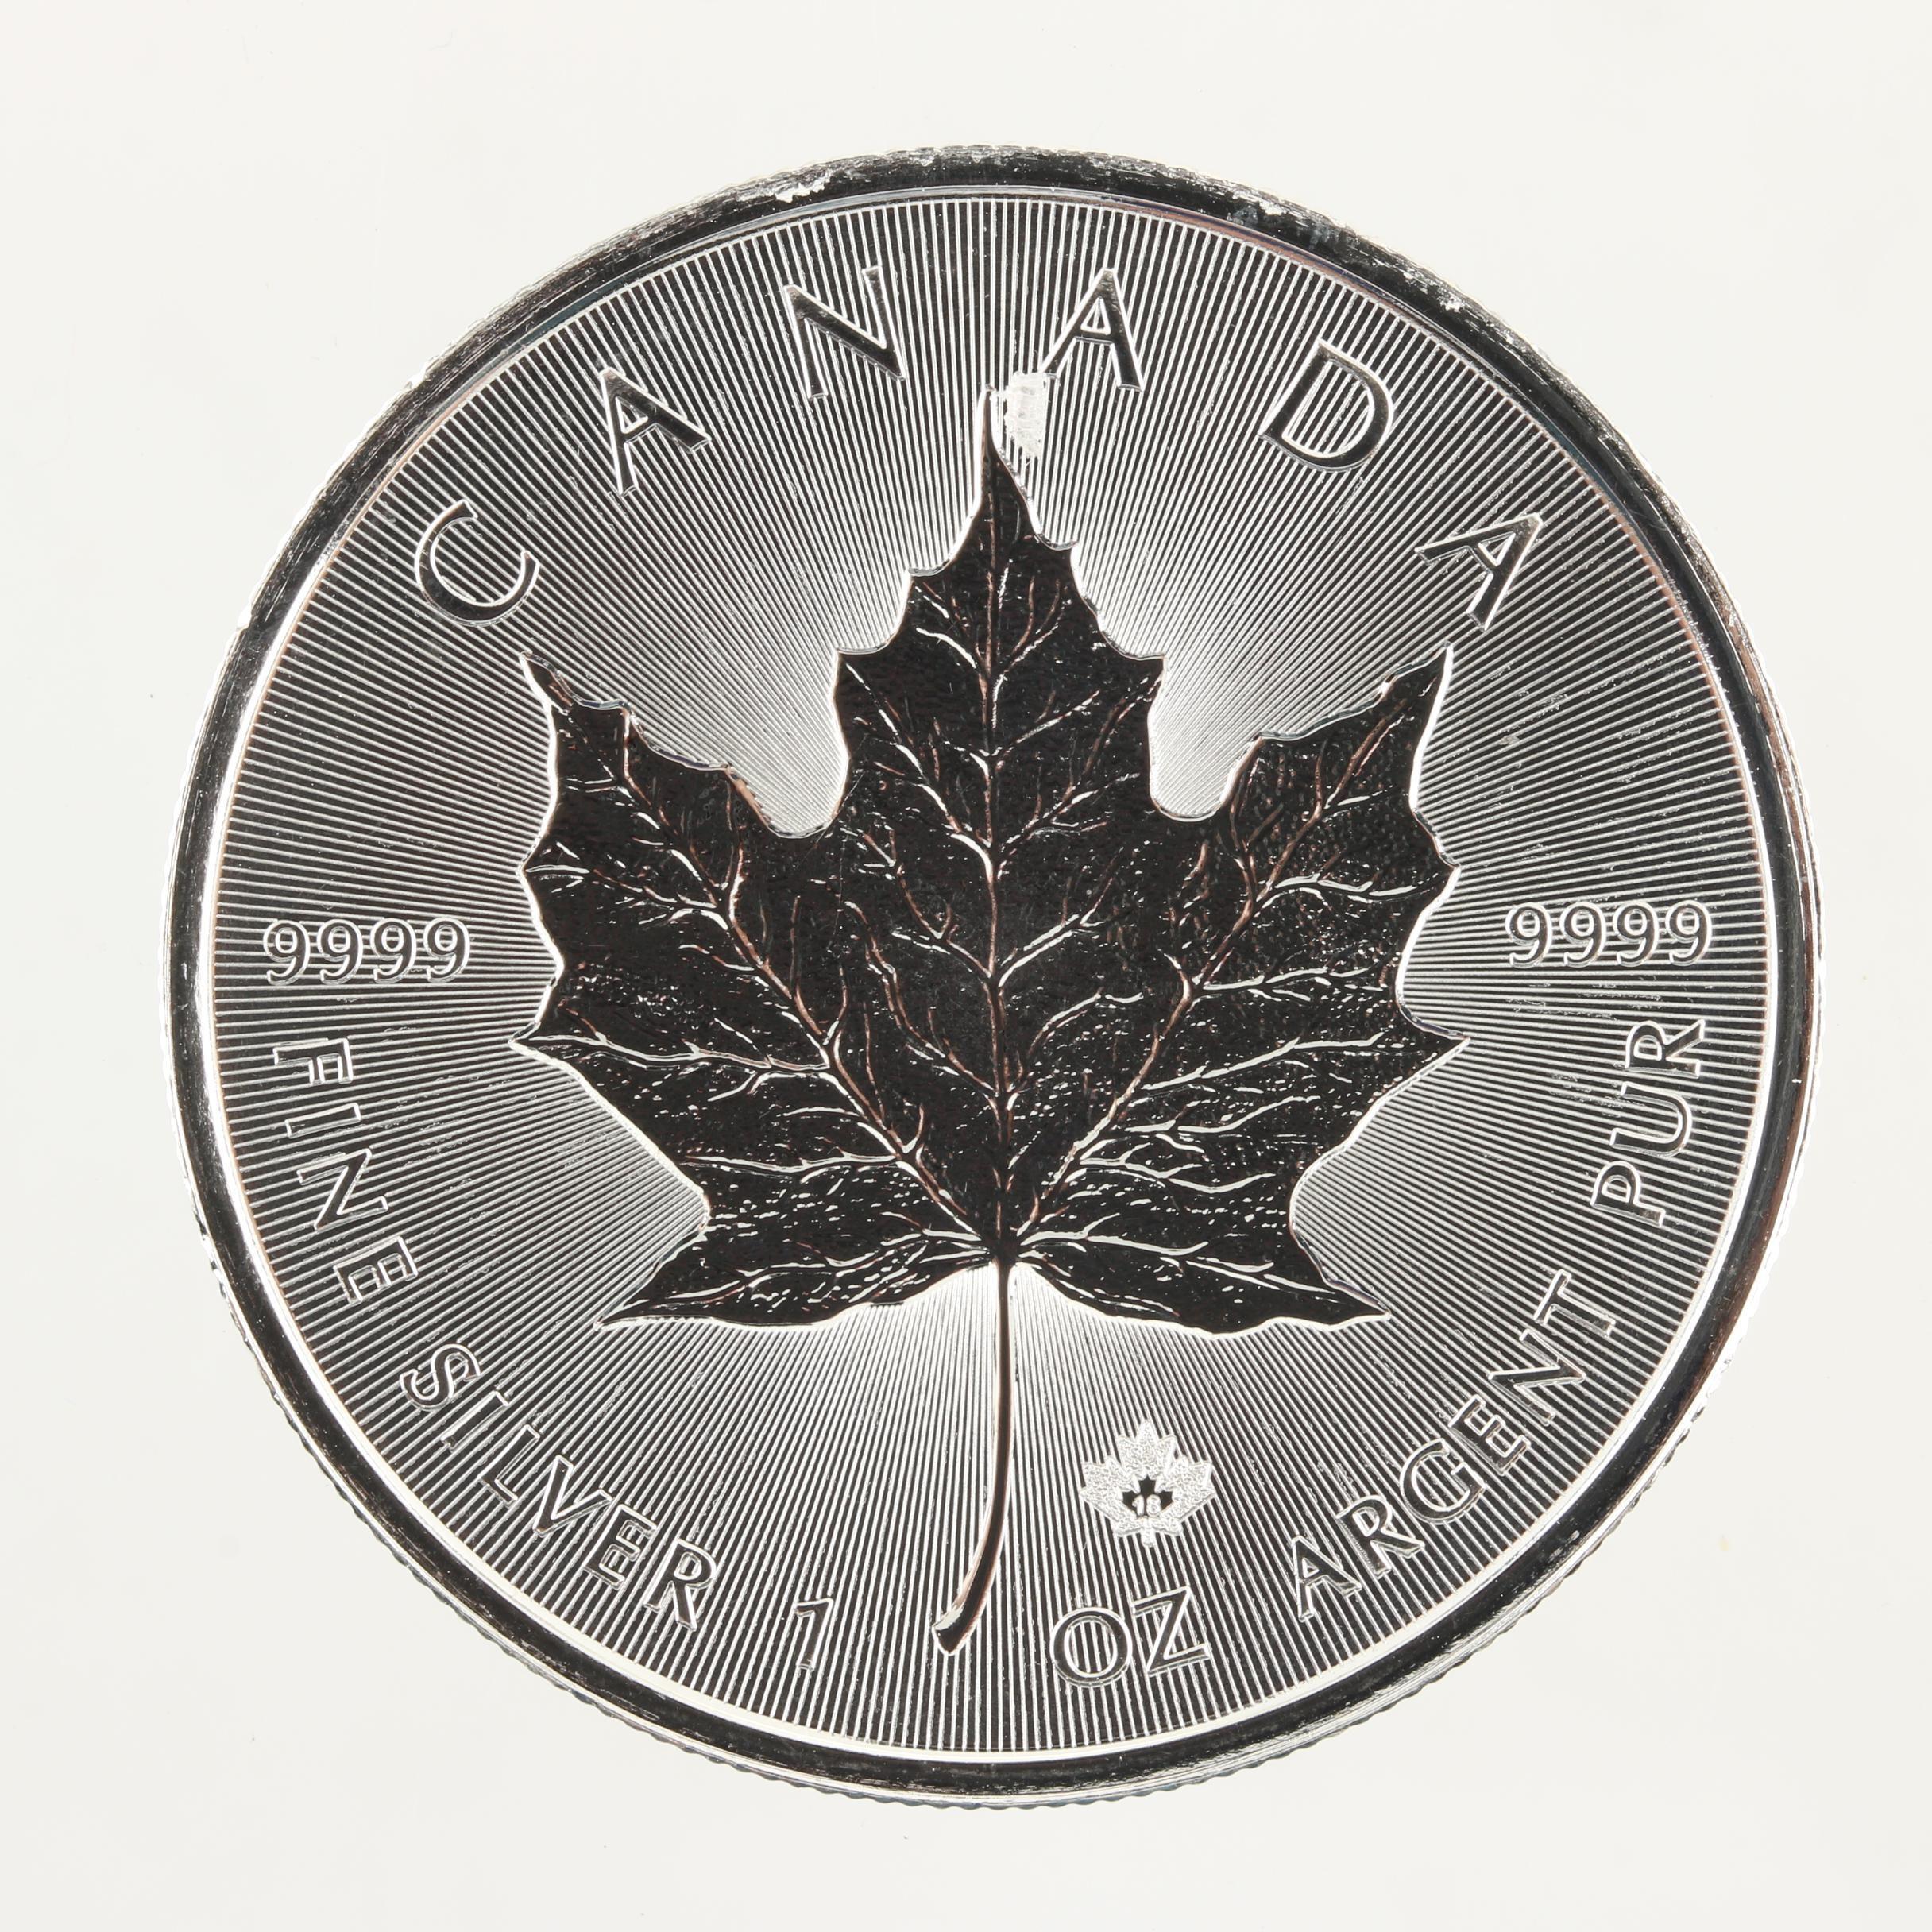 2018 Canadian Five Dollar Maple Leaf One Troy Ounce Silver Bullion Coin